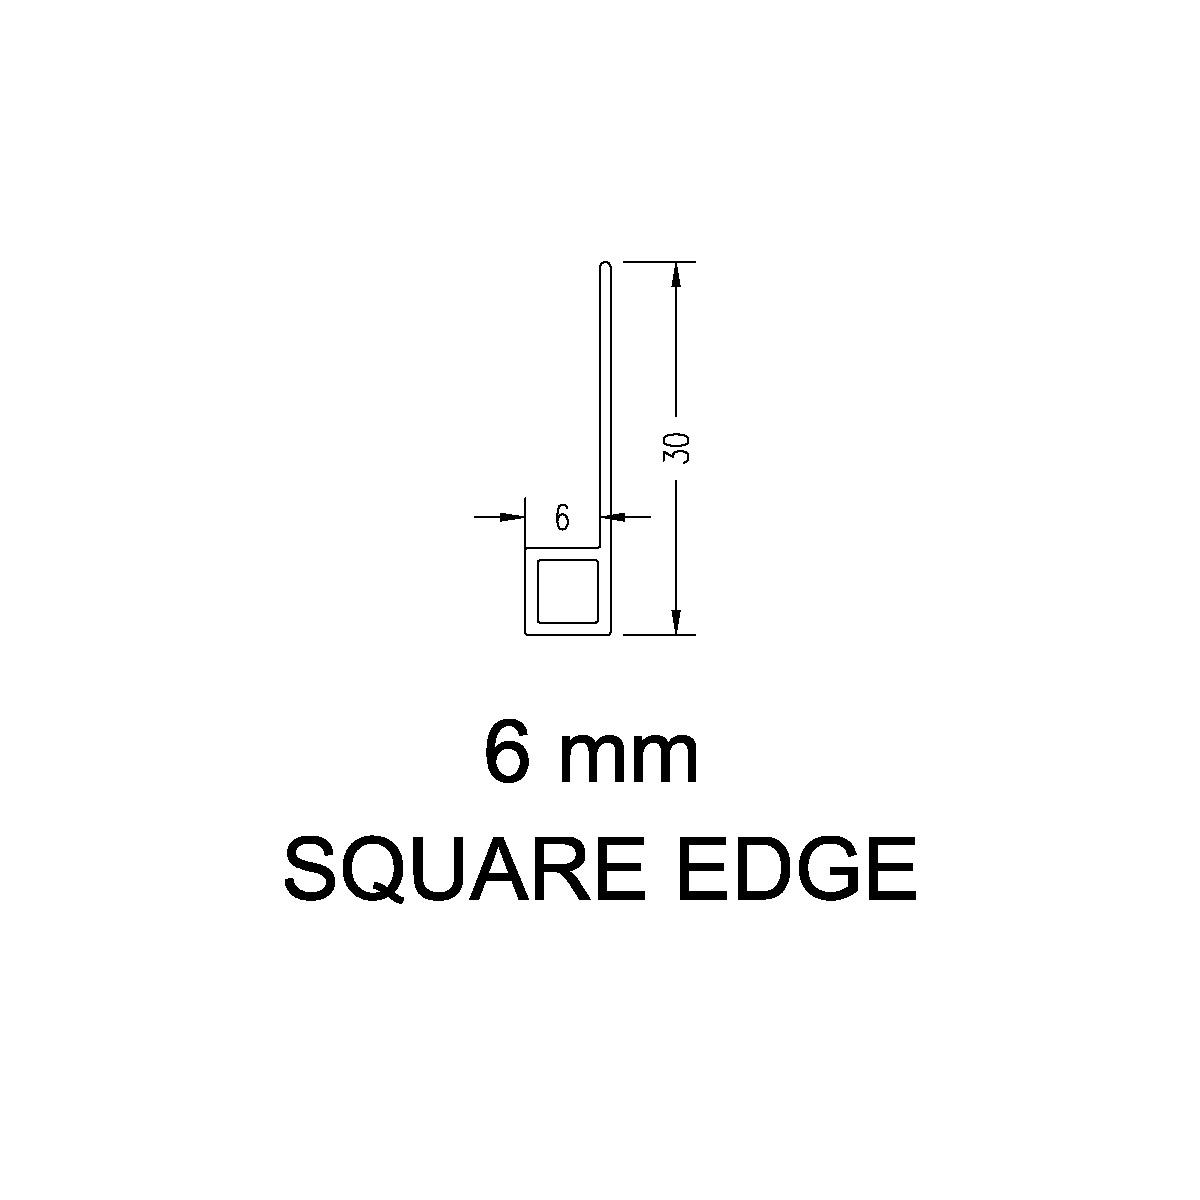 SQUEDGE – 6mm